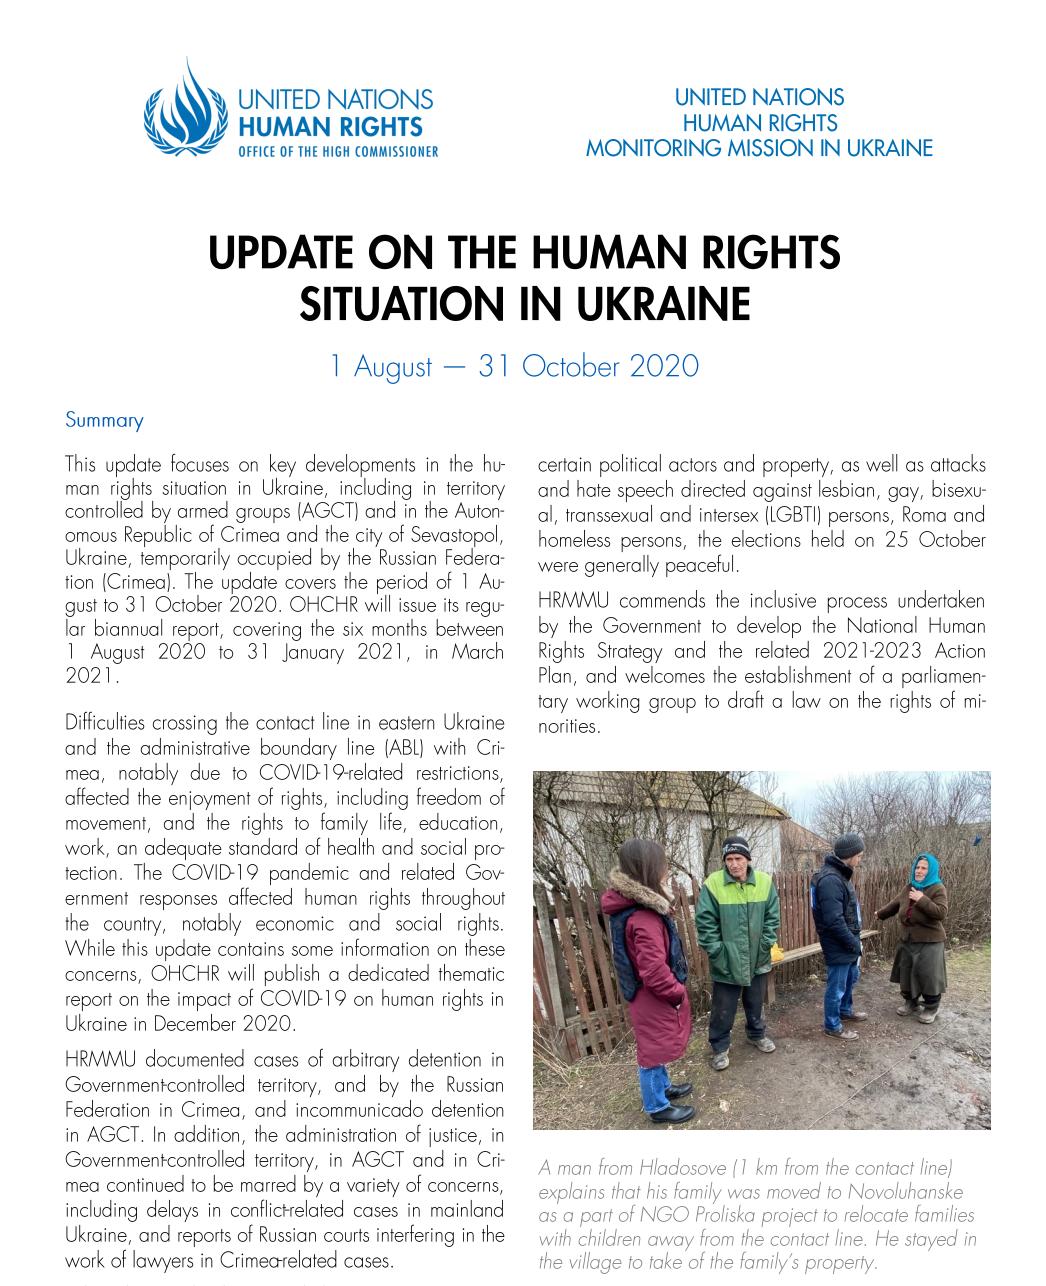 Оновлена інформація щодо ситуації у сфері прав людини в Україні.